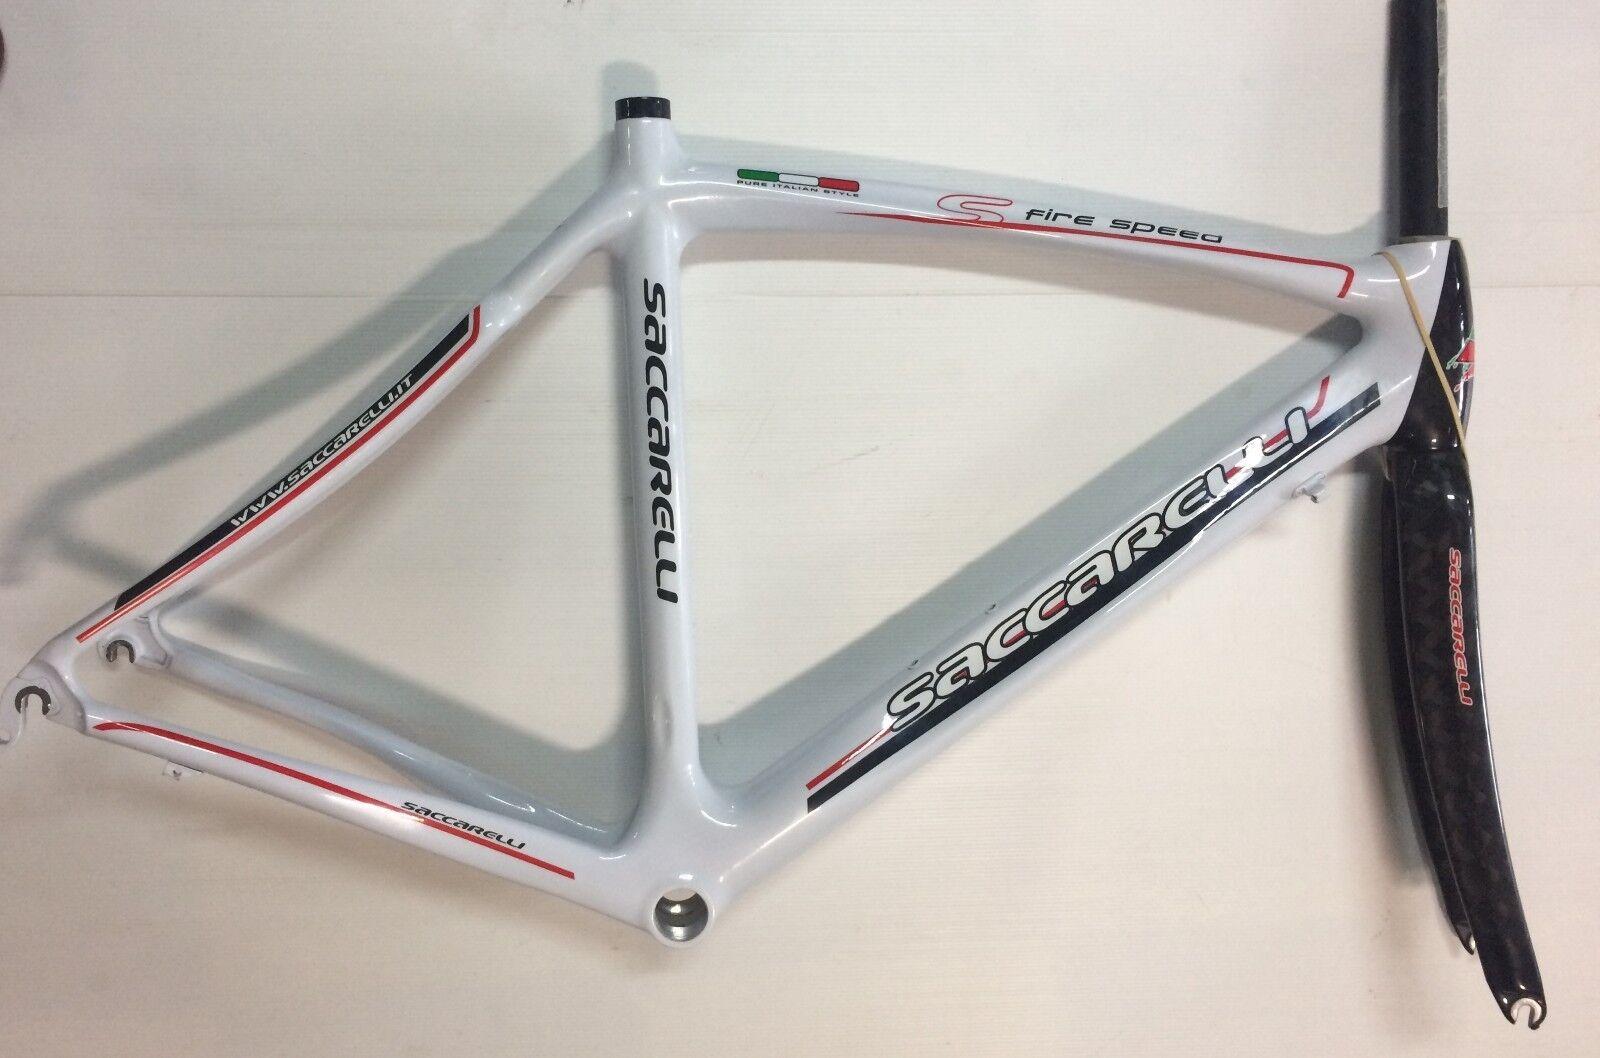 Telaio bici corsa carbonio Saccarelli Fire Speed 52,5 Koldioxidcykelram